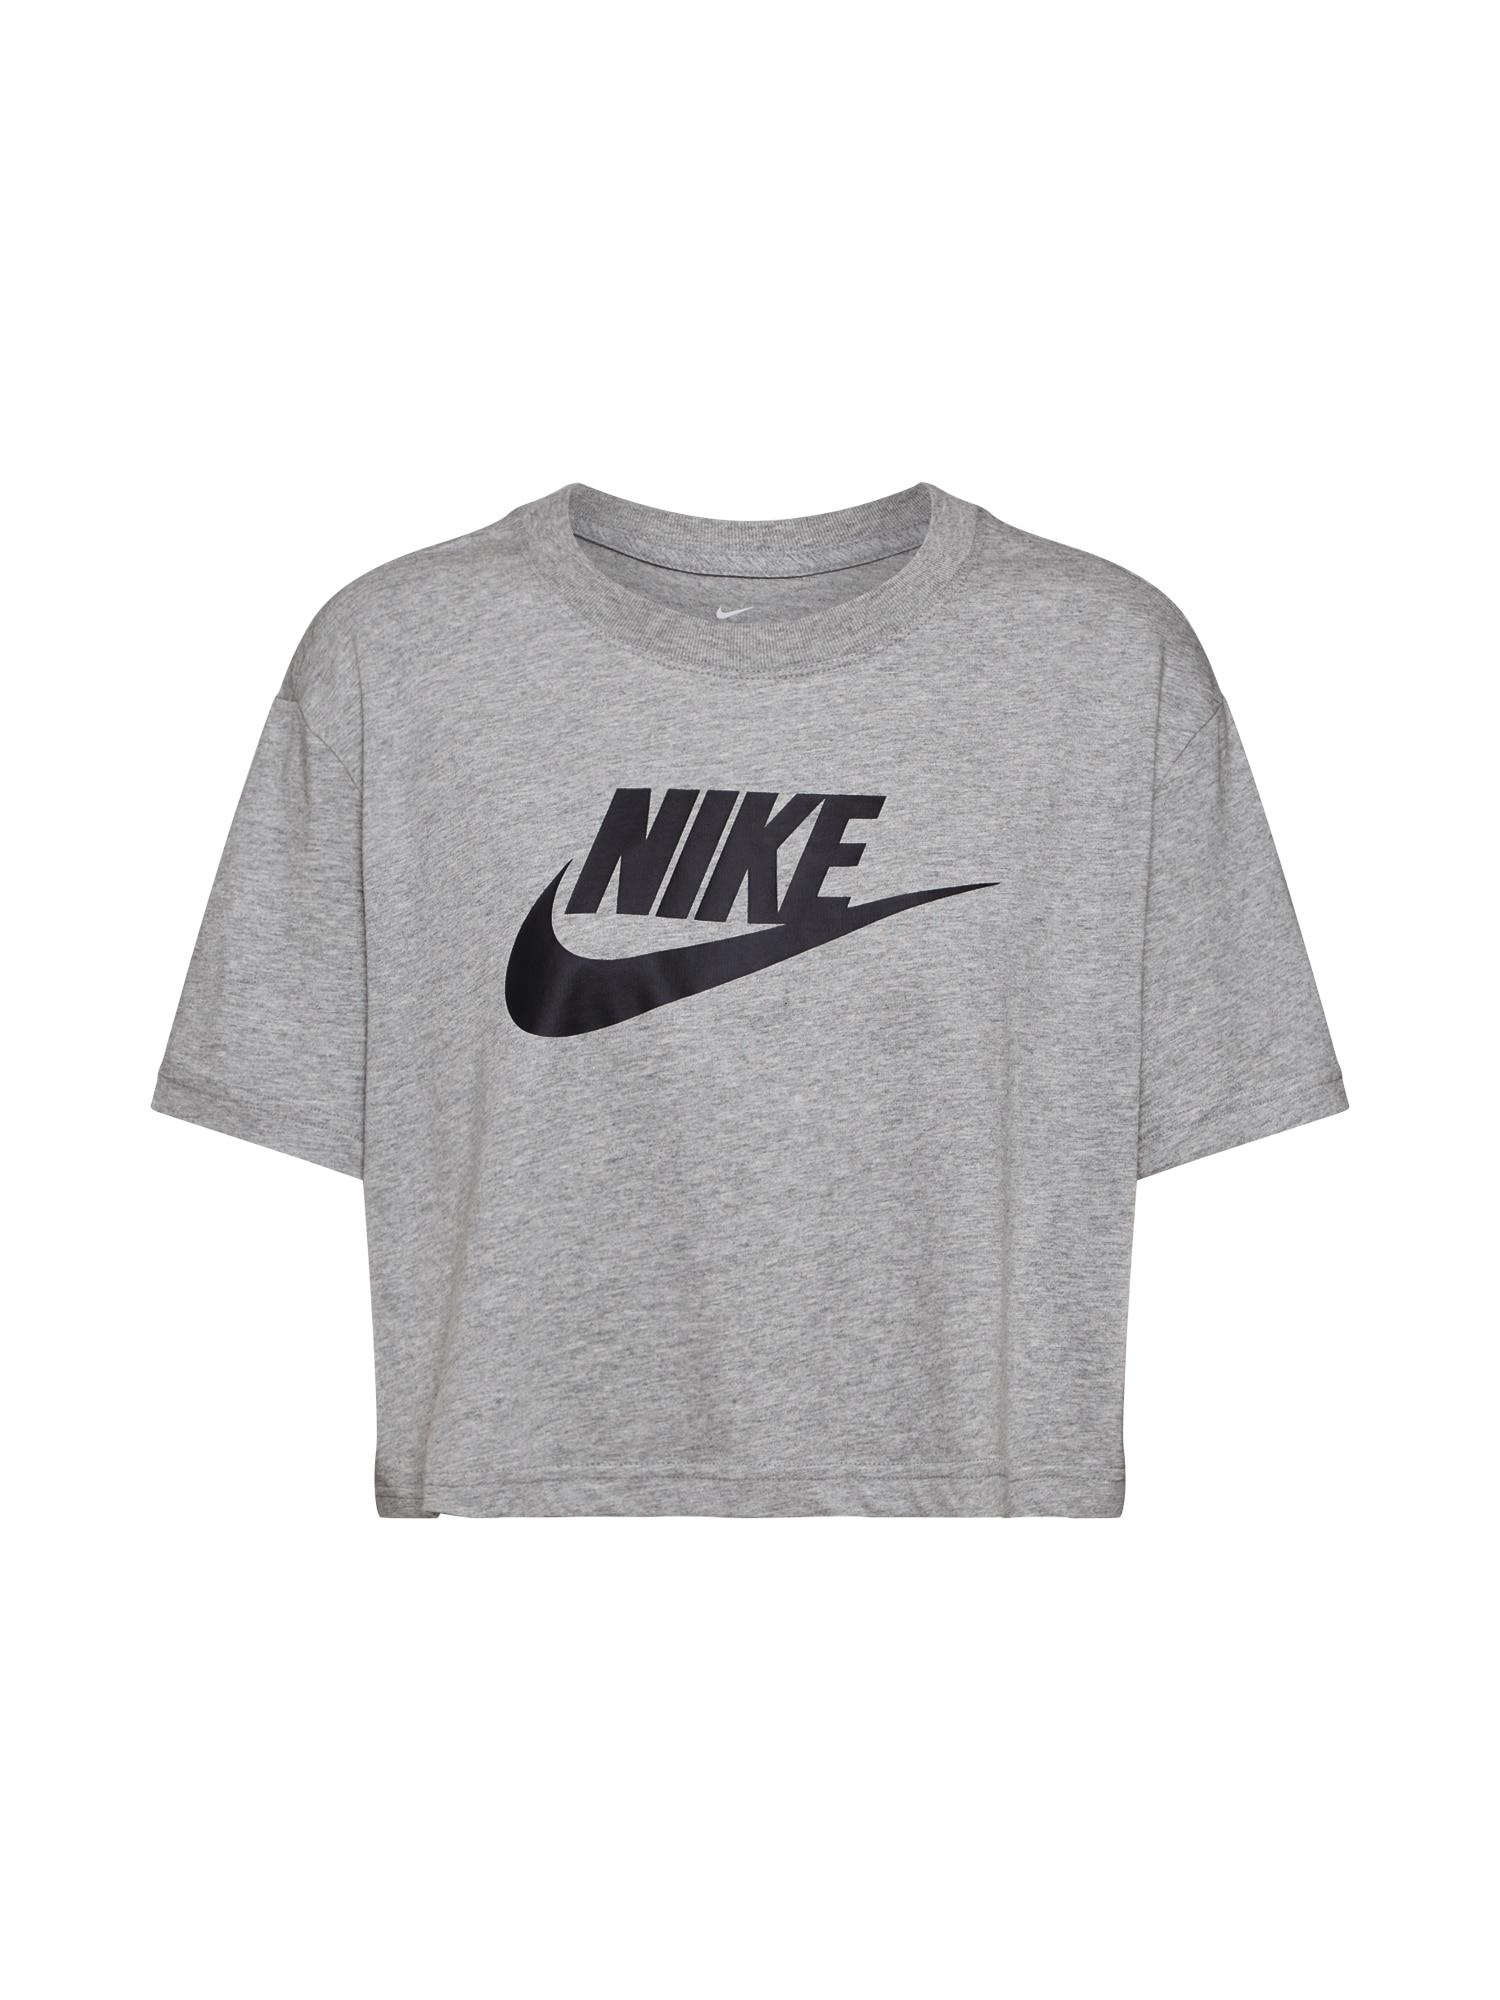 Nike Sportswear Marškinėliai juoda / pilka